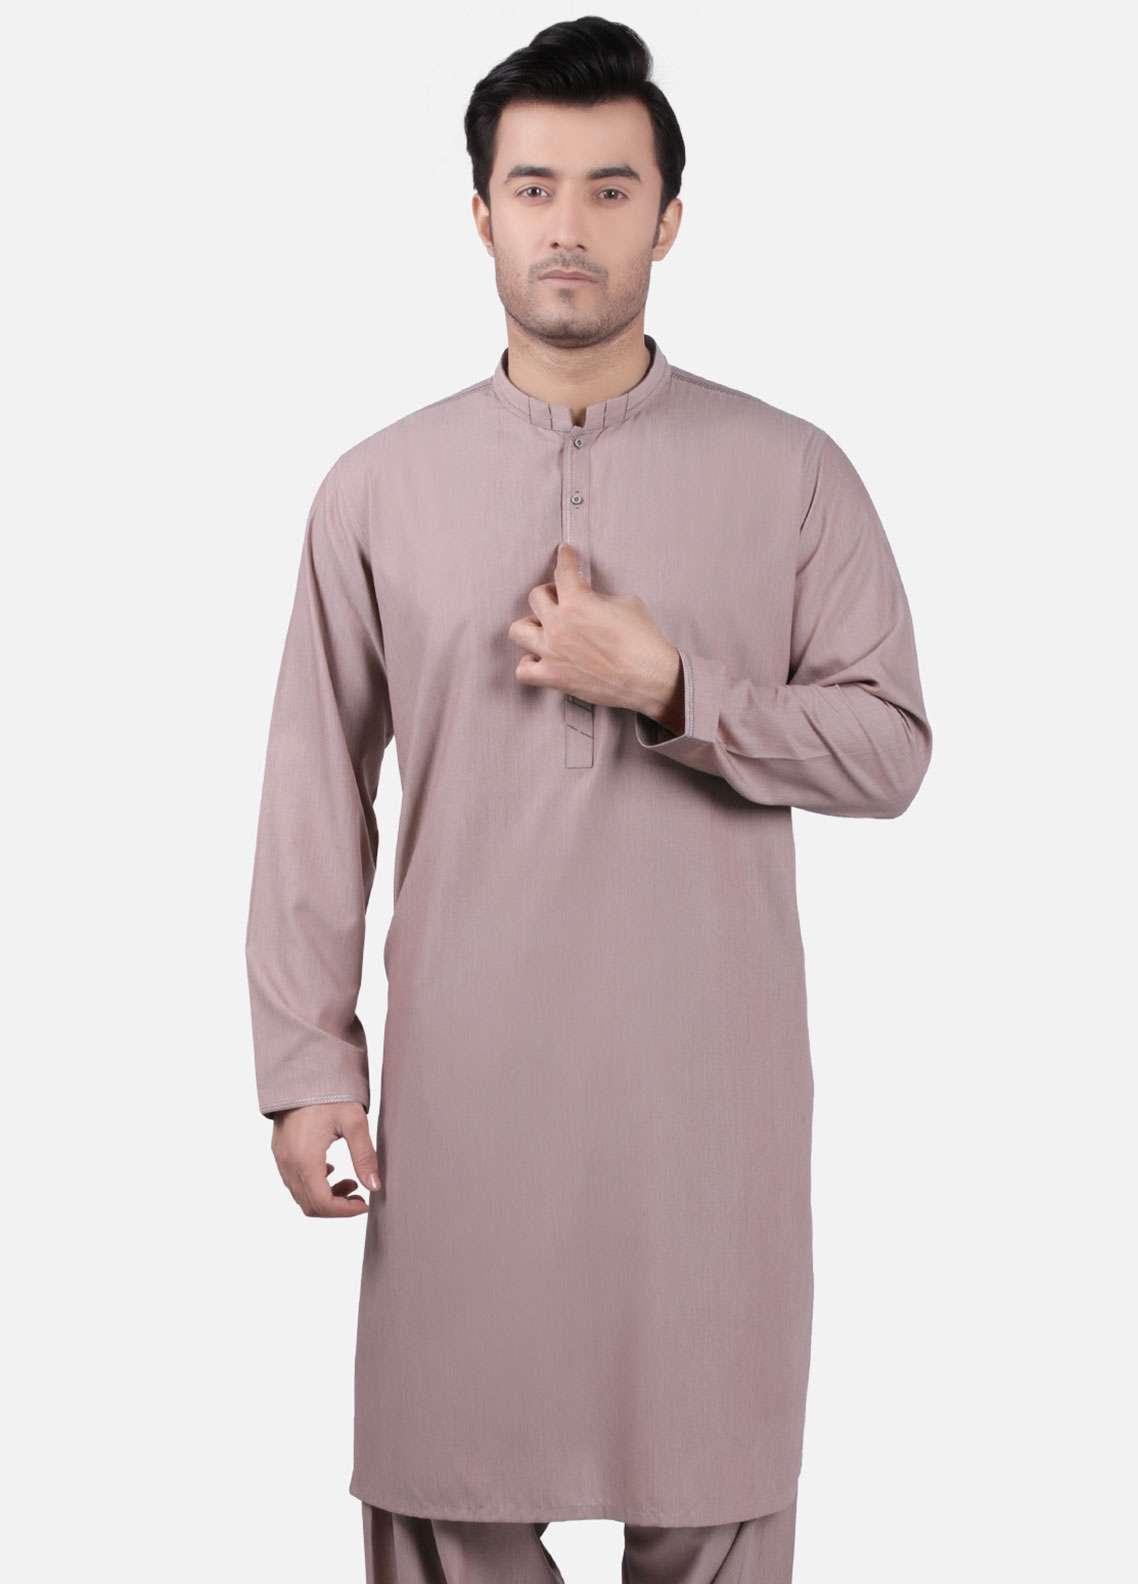 Edenrobe Cotton Formal Kameez Shalwar for Men - Brown EMTKS-40726